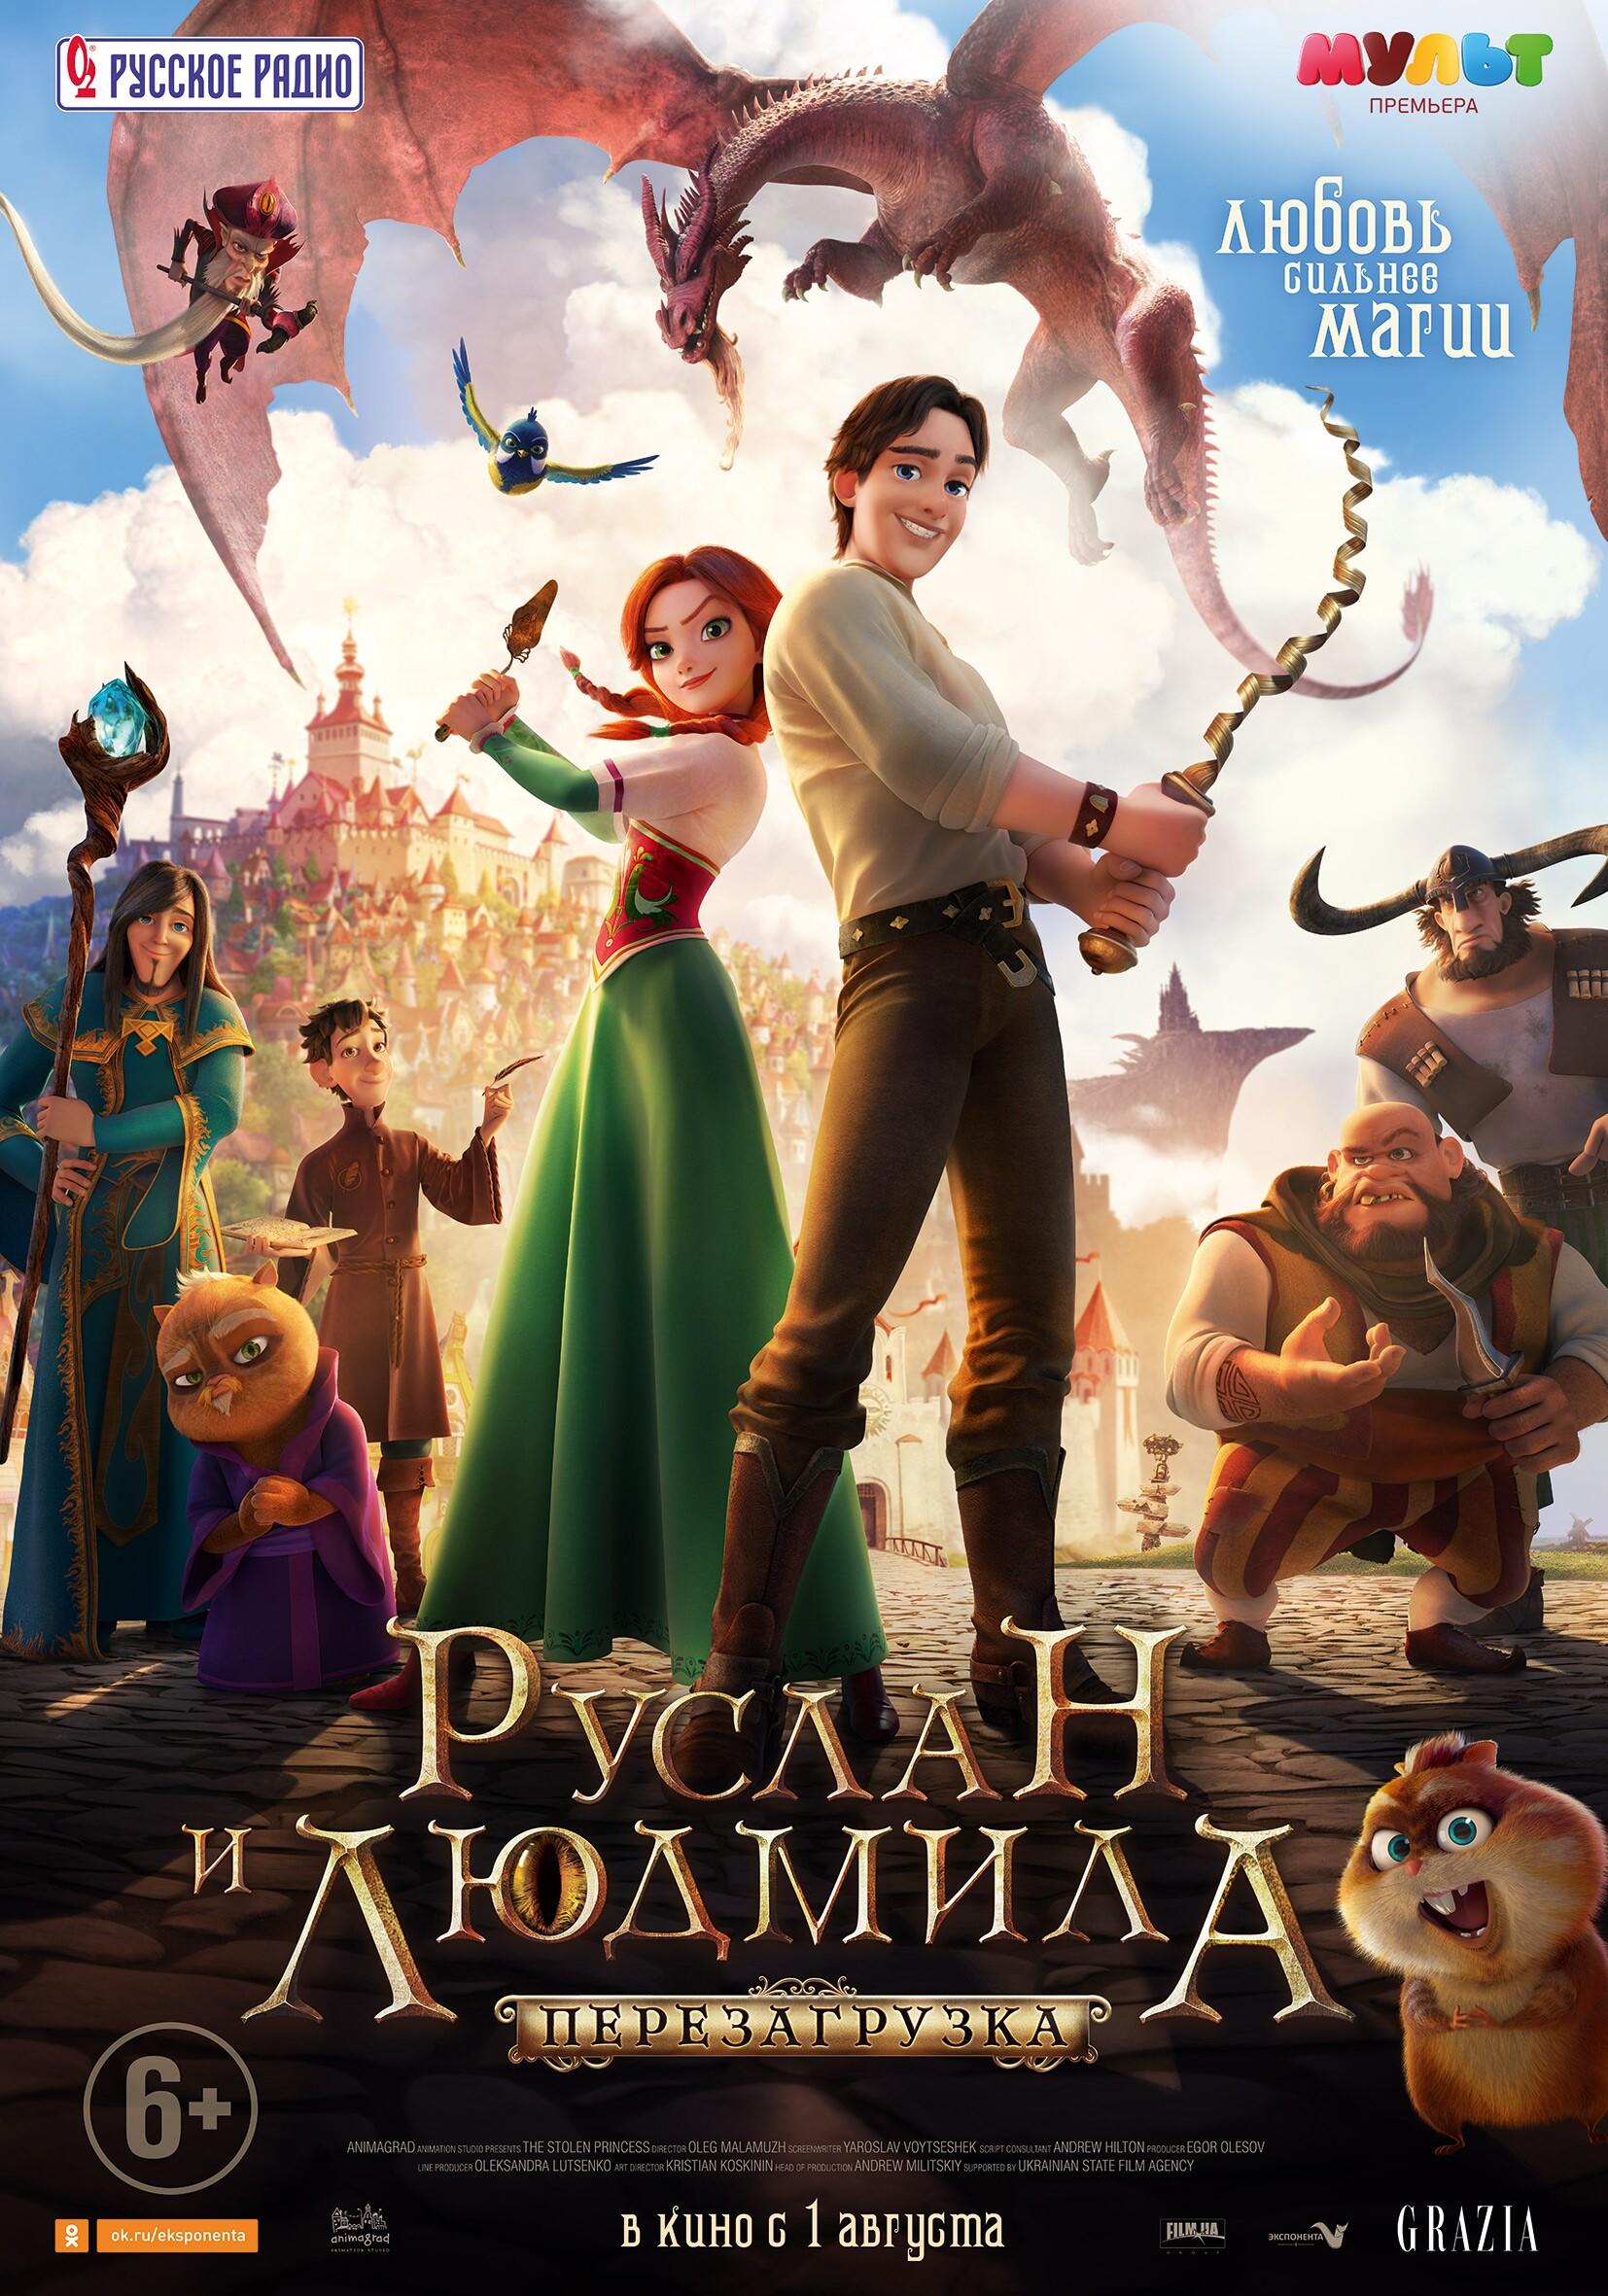 Постеры мультфильмов на русском